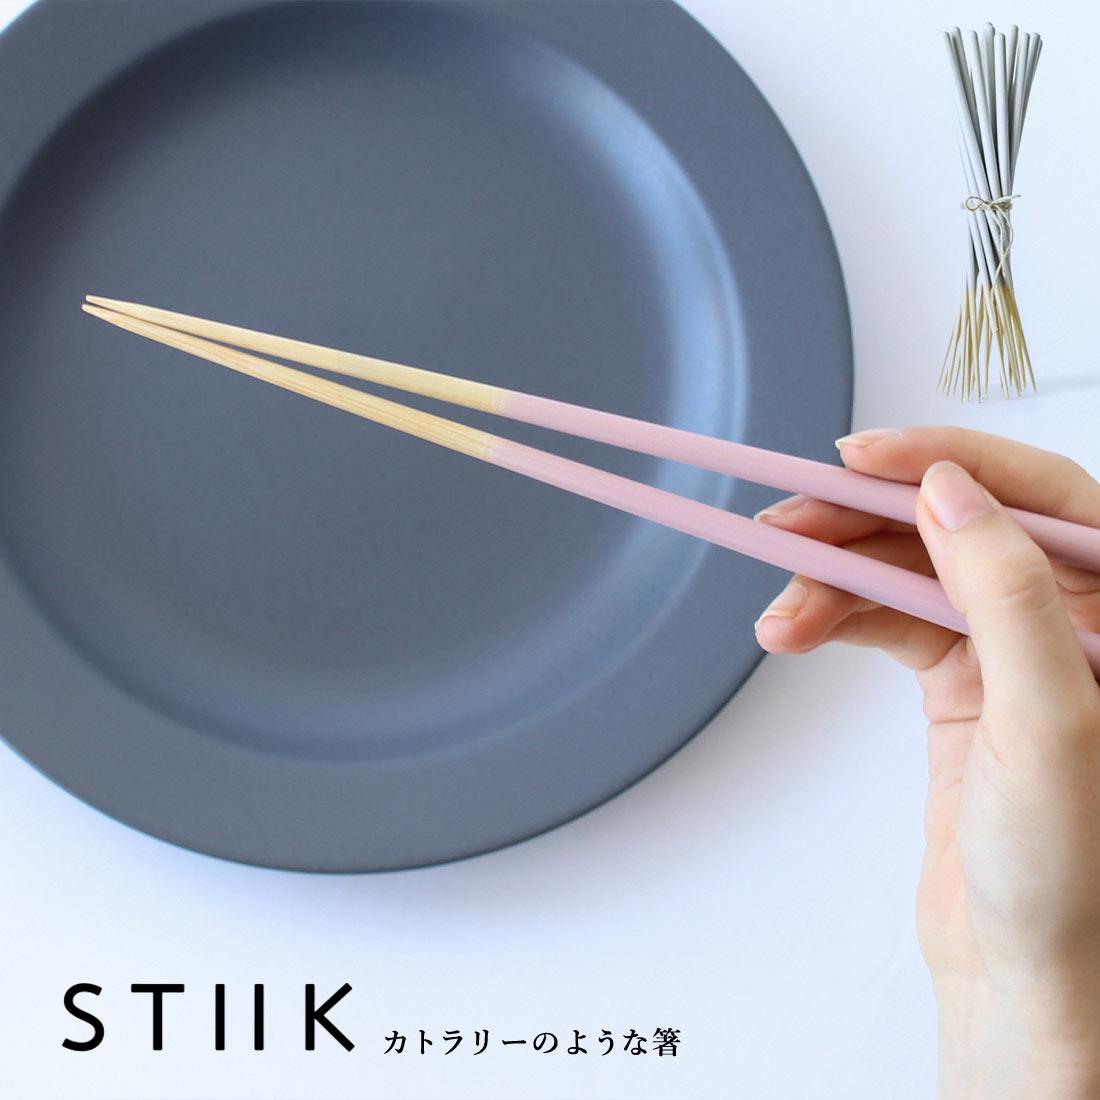 現代人の26cm 食べた時の美しさと用途に耐えうる強さの両方がこの寸法 STIIK スティック カトラリーのようなお箸 26cm 2膳1セット天然竹 孟宗竹 高級な 格安SALEスタート 日本製 おはし 和食